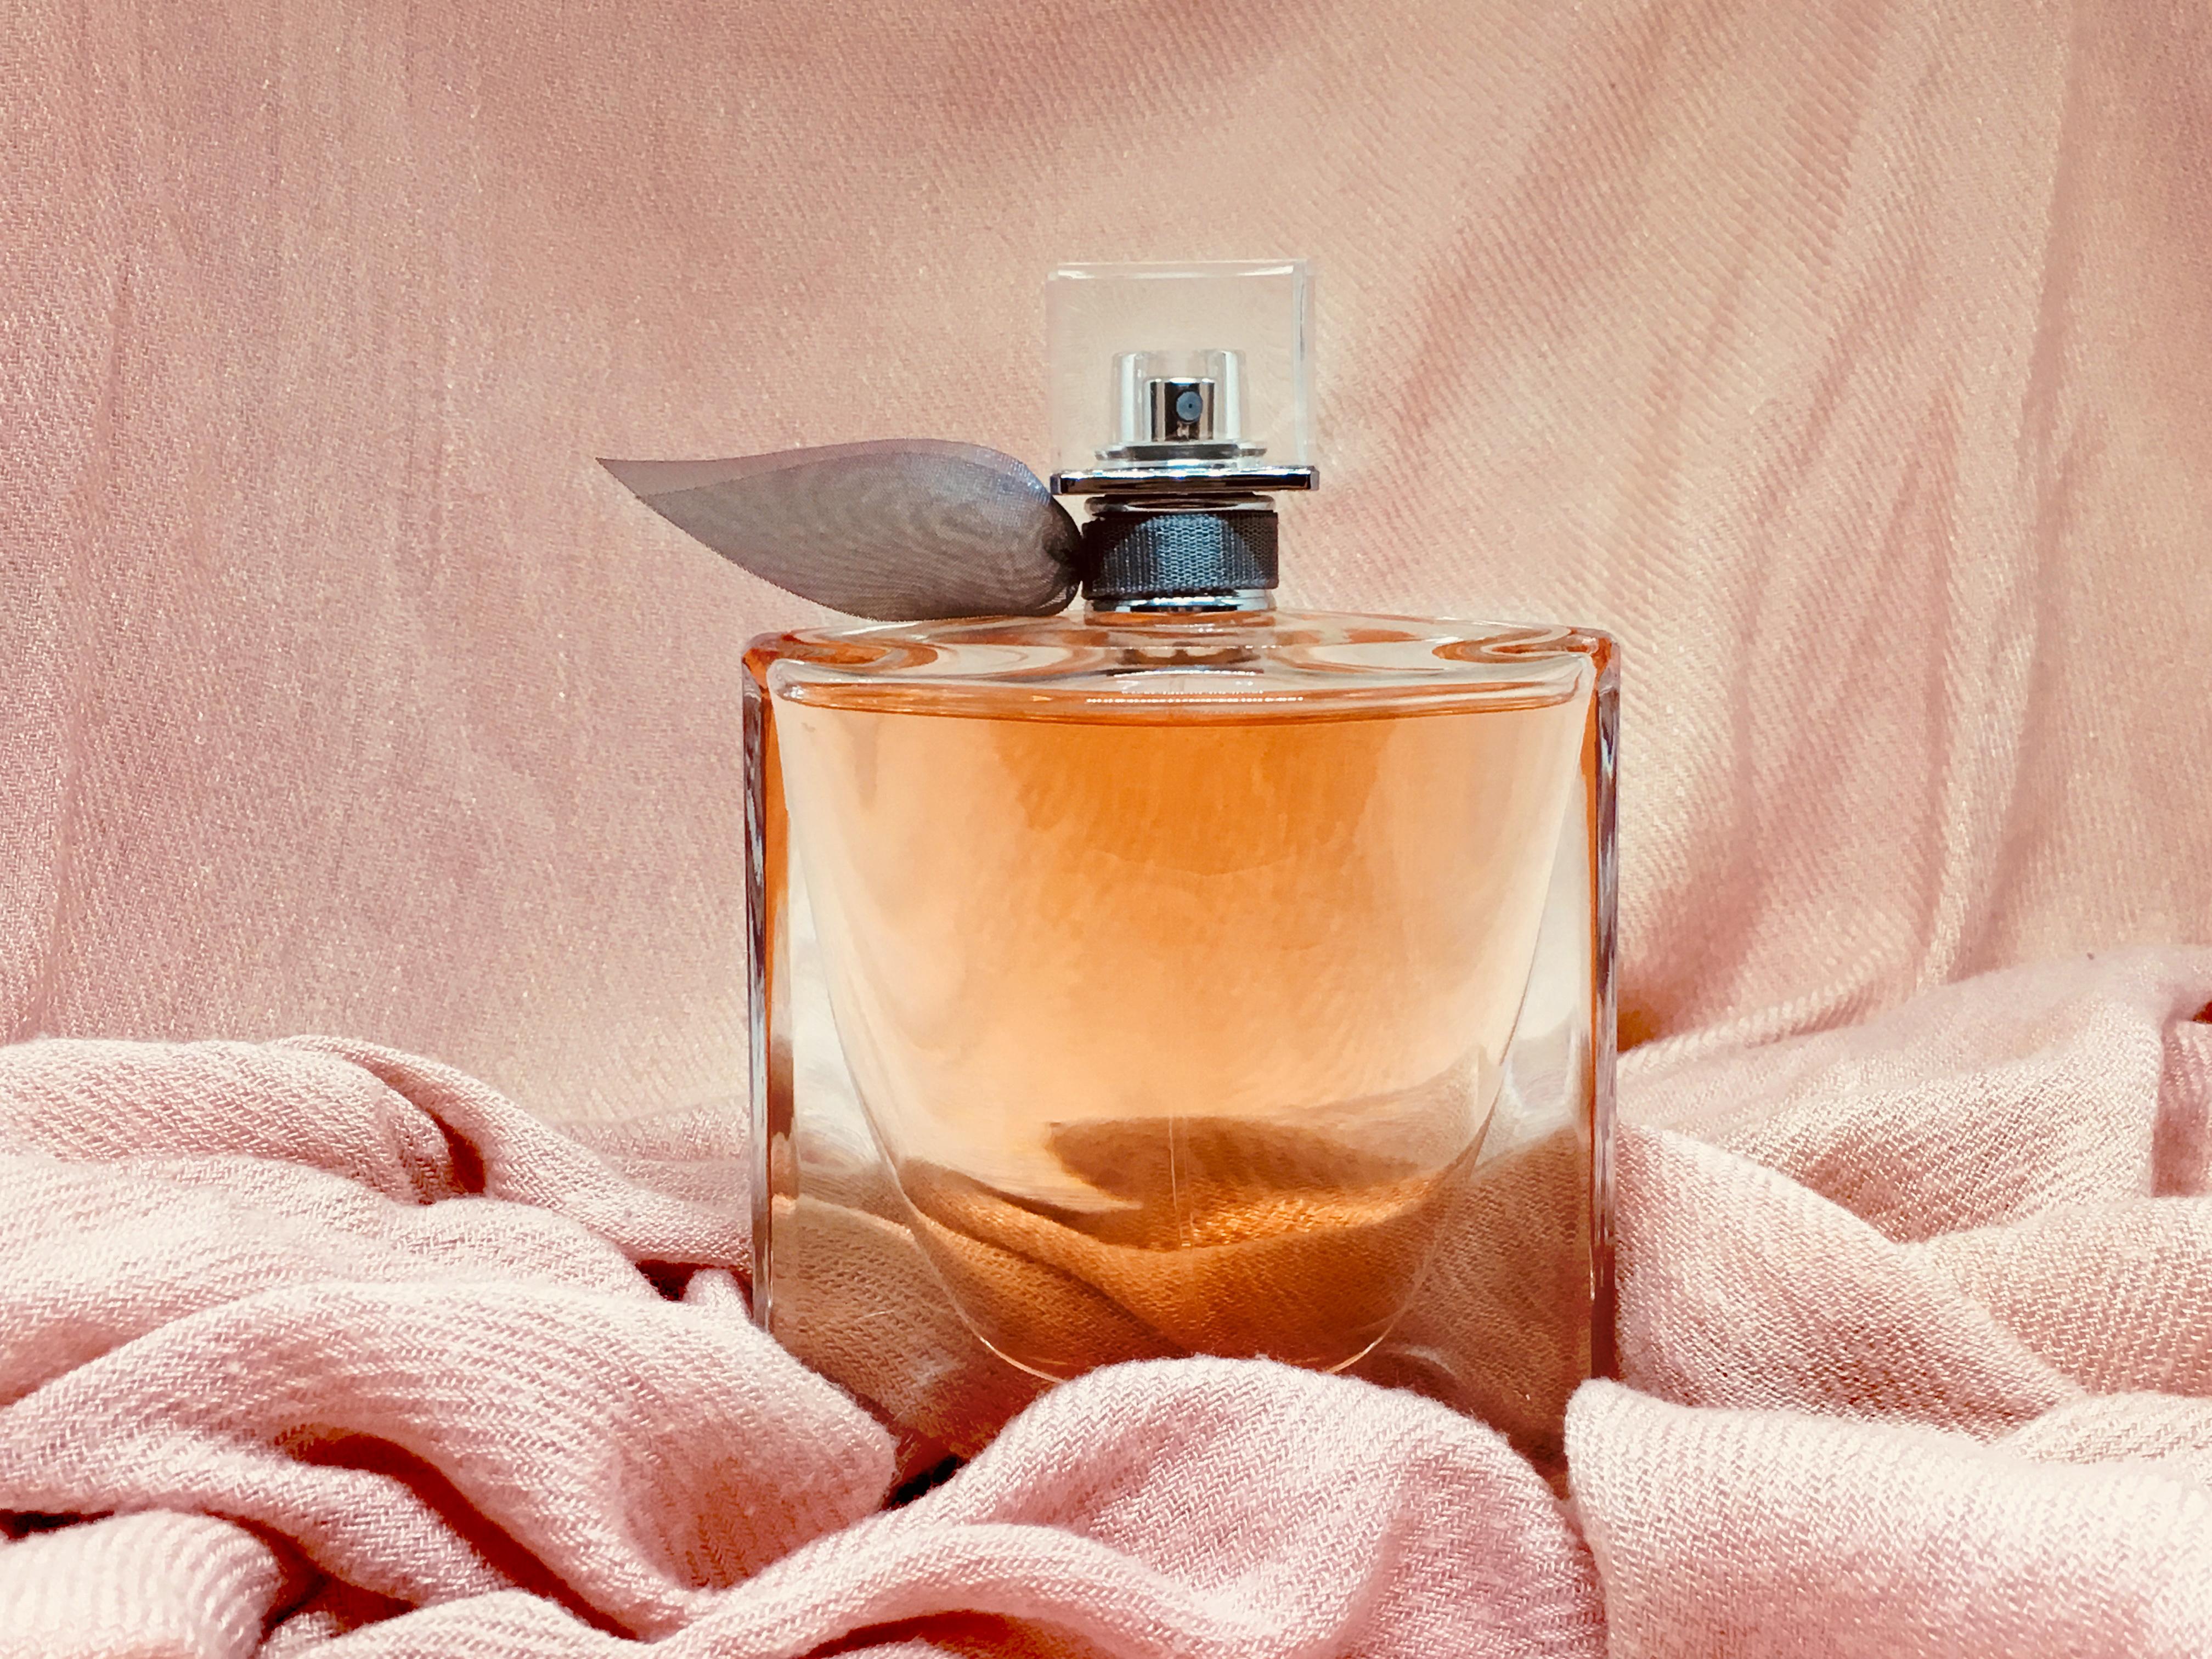 Fijacion de un Perfume